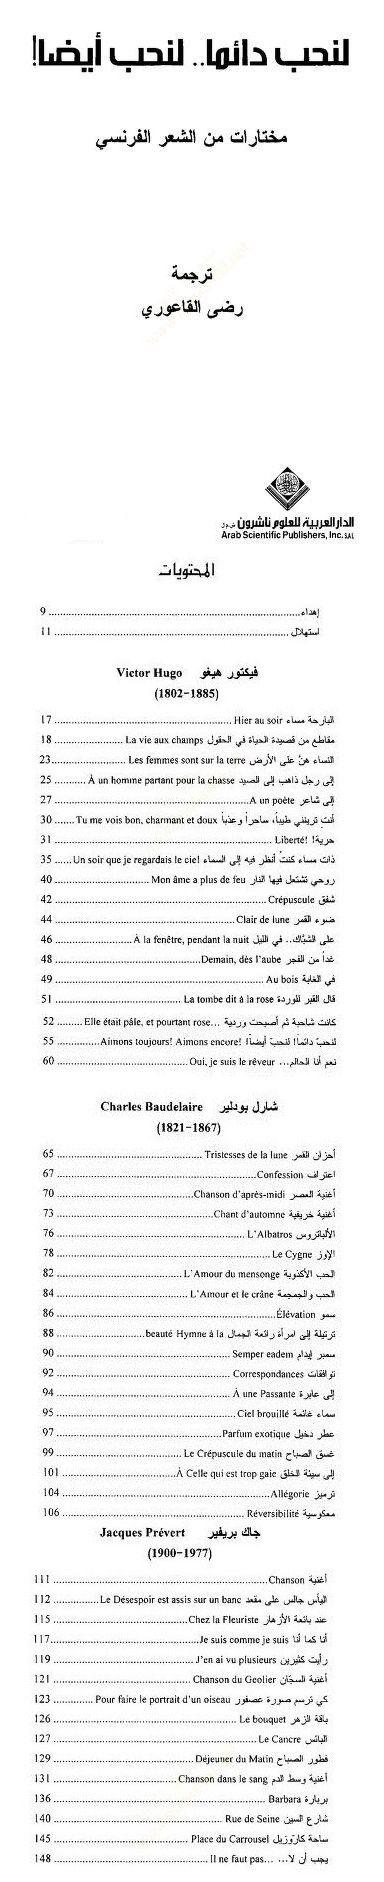 لنحب دائما ... لنحب أيضا  رابط التحميل :  https://archive.org/download/adel-Arabi7000-x/Arabi08496.pdf